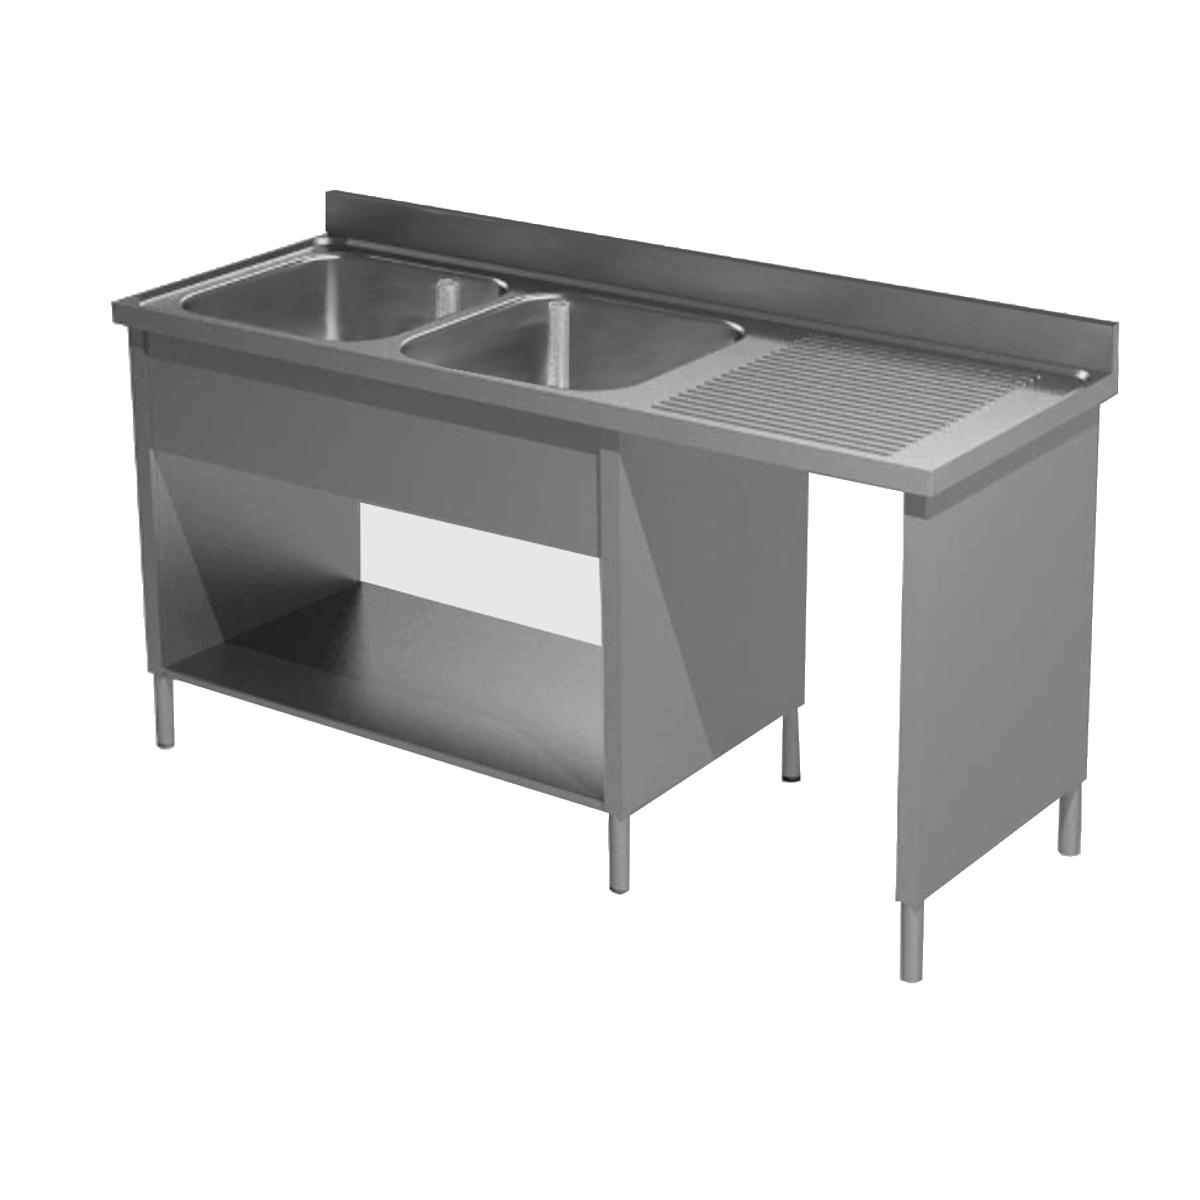 Lavatoio su fianchi acciaio inox due vasche con vano for Arredamento acciaio inox